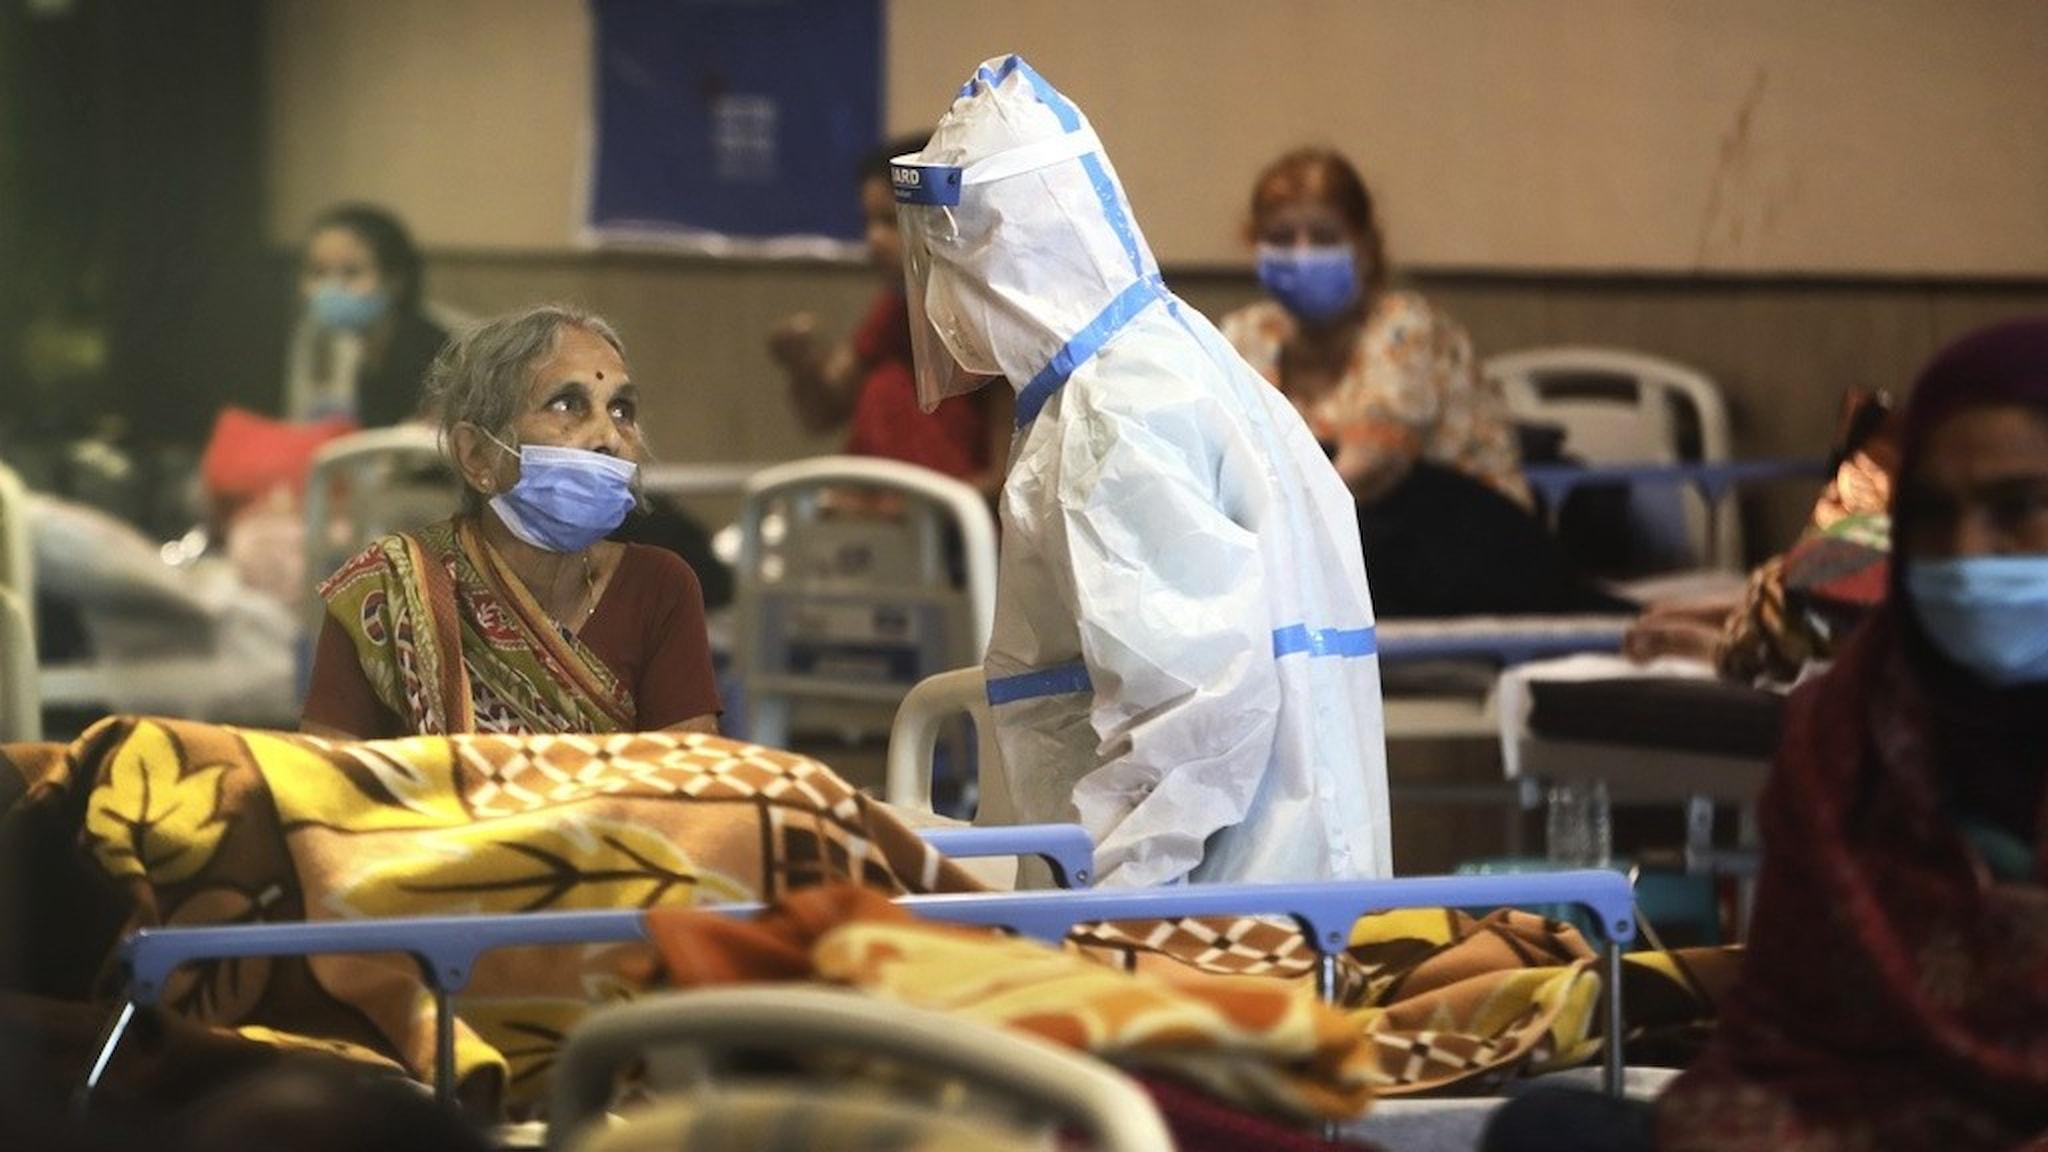 en kvinna i en sjukhussäng och en sjukhuspersonal i skyddskläder.